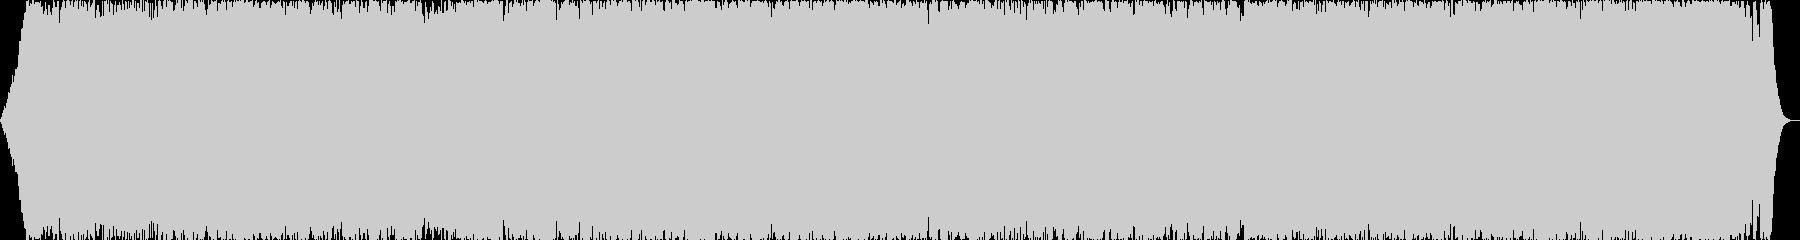 ダークファンタジーオーケストラ戦闘曲43の未再生の波形